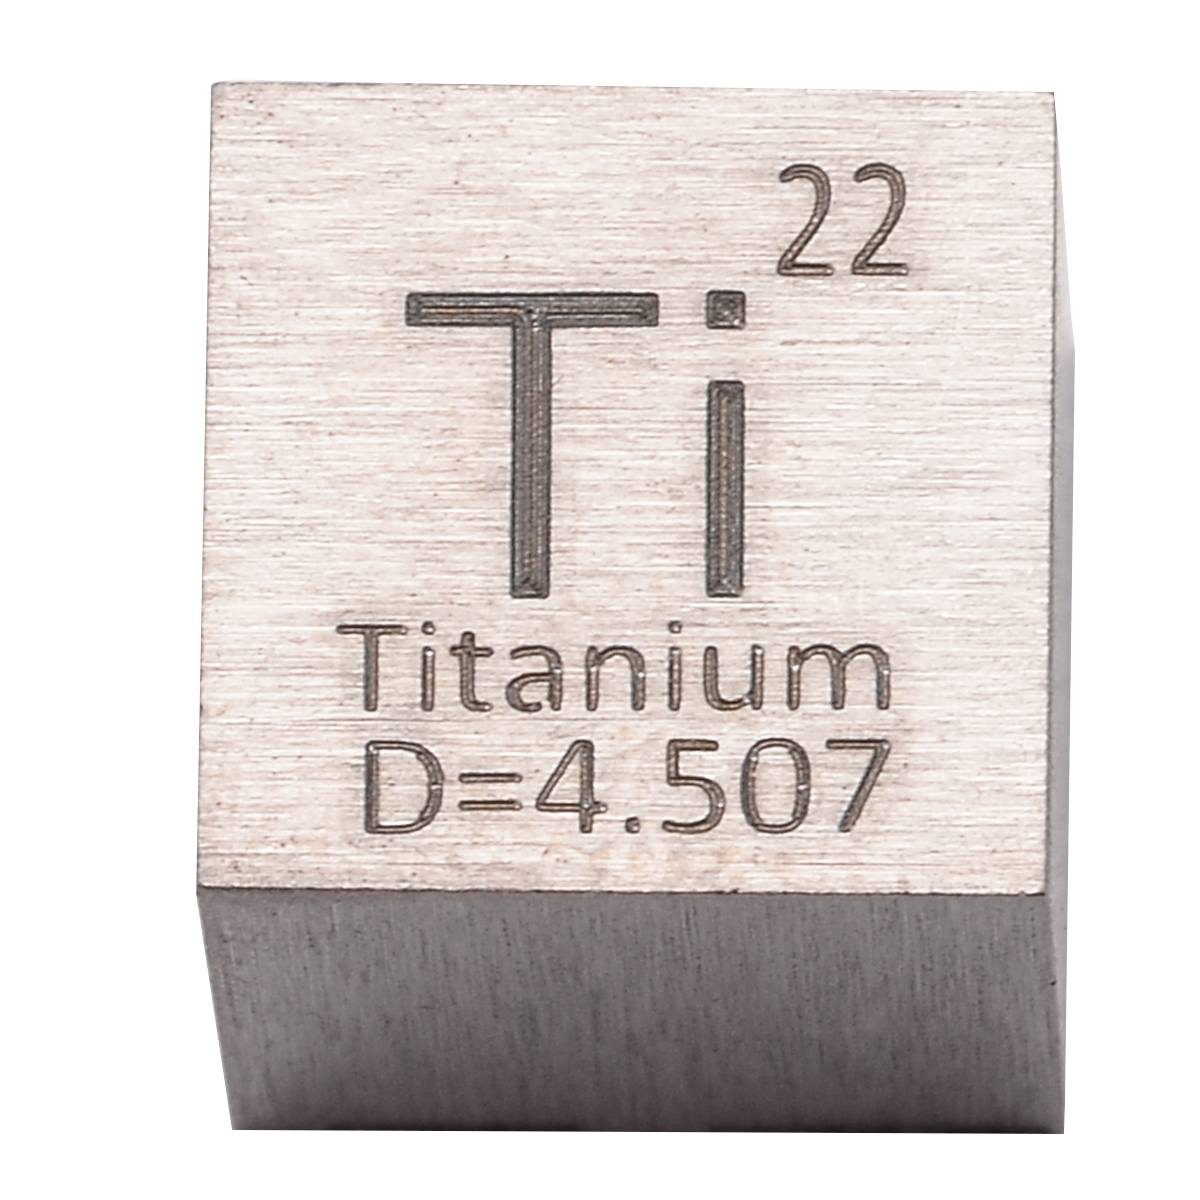 UNIQUE METAL GIFT MINI 10 MM  CUBE  SQUARE  99.99 /% PURE TI TITANIUM  METAL